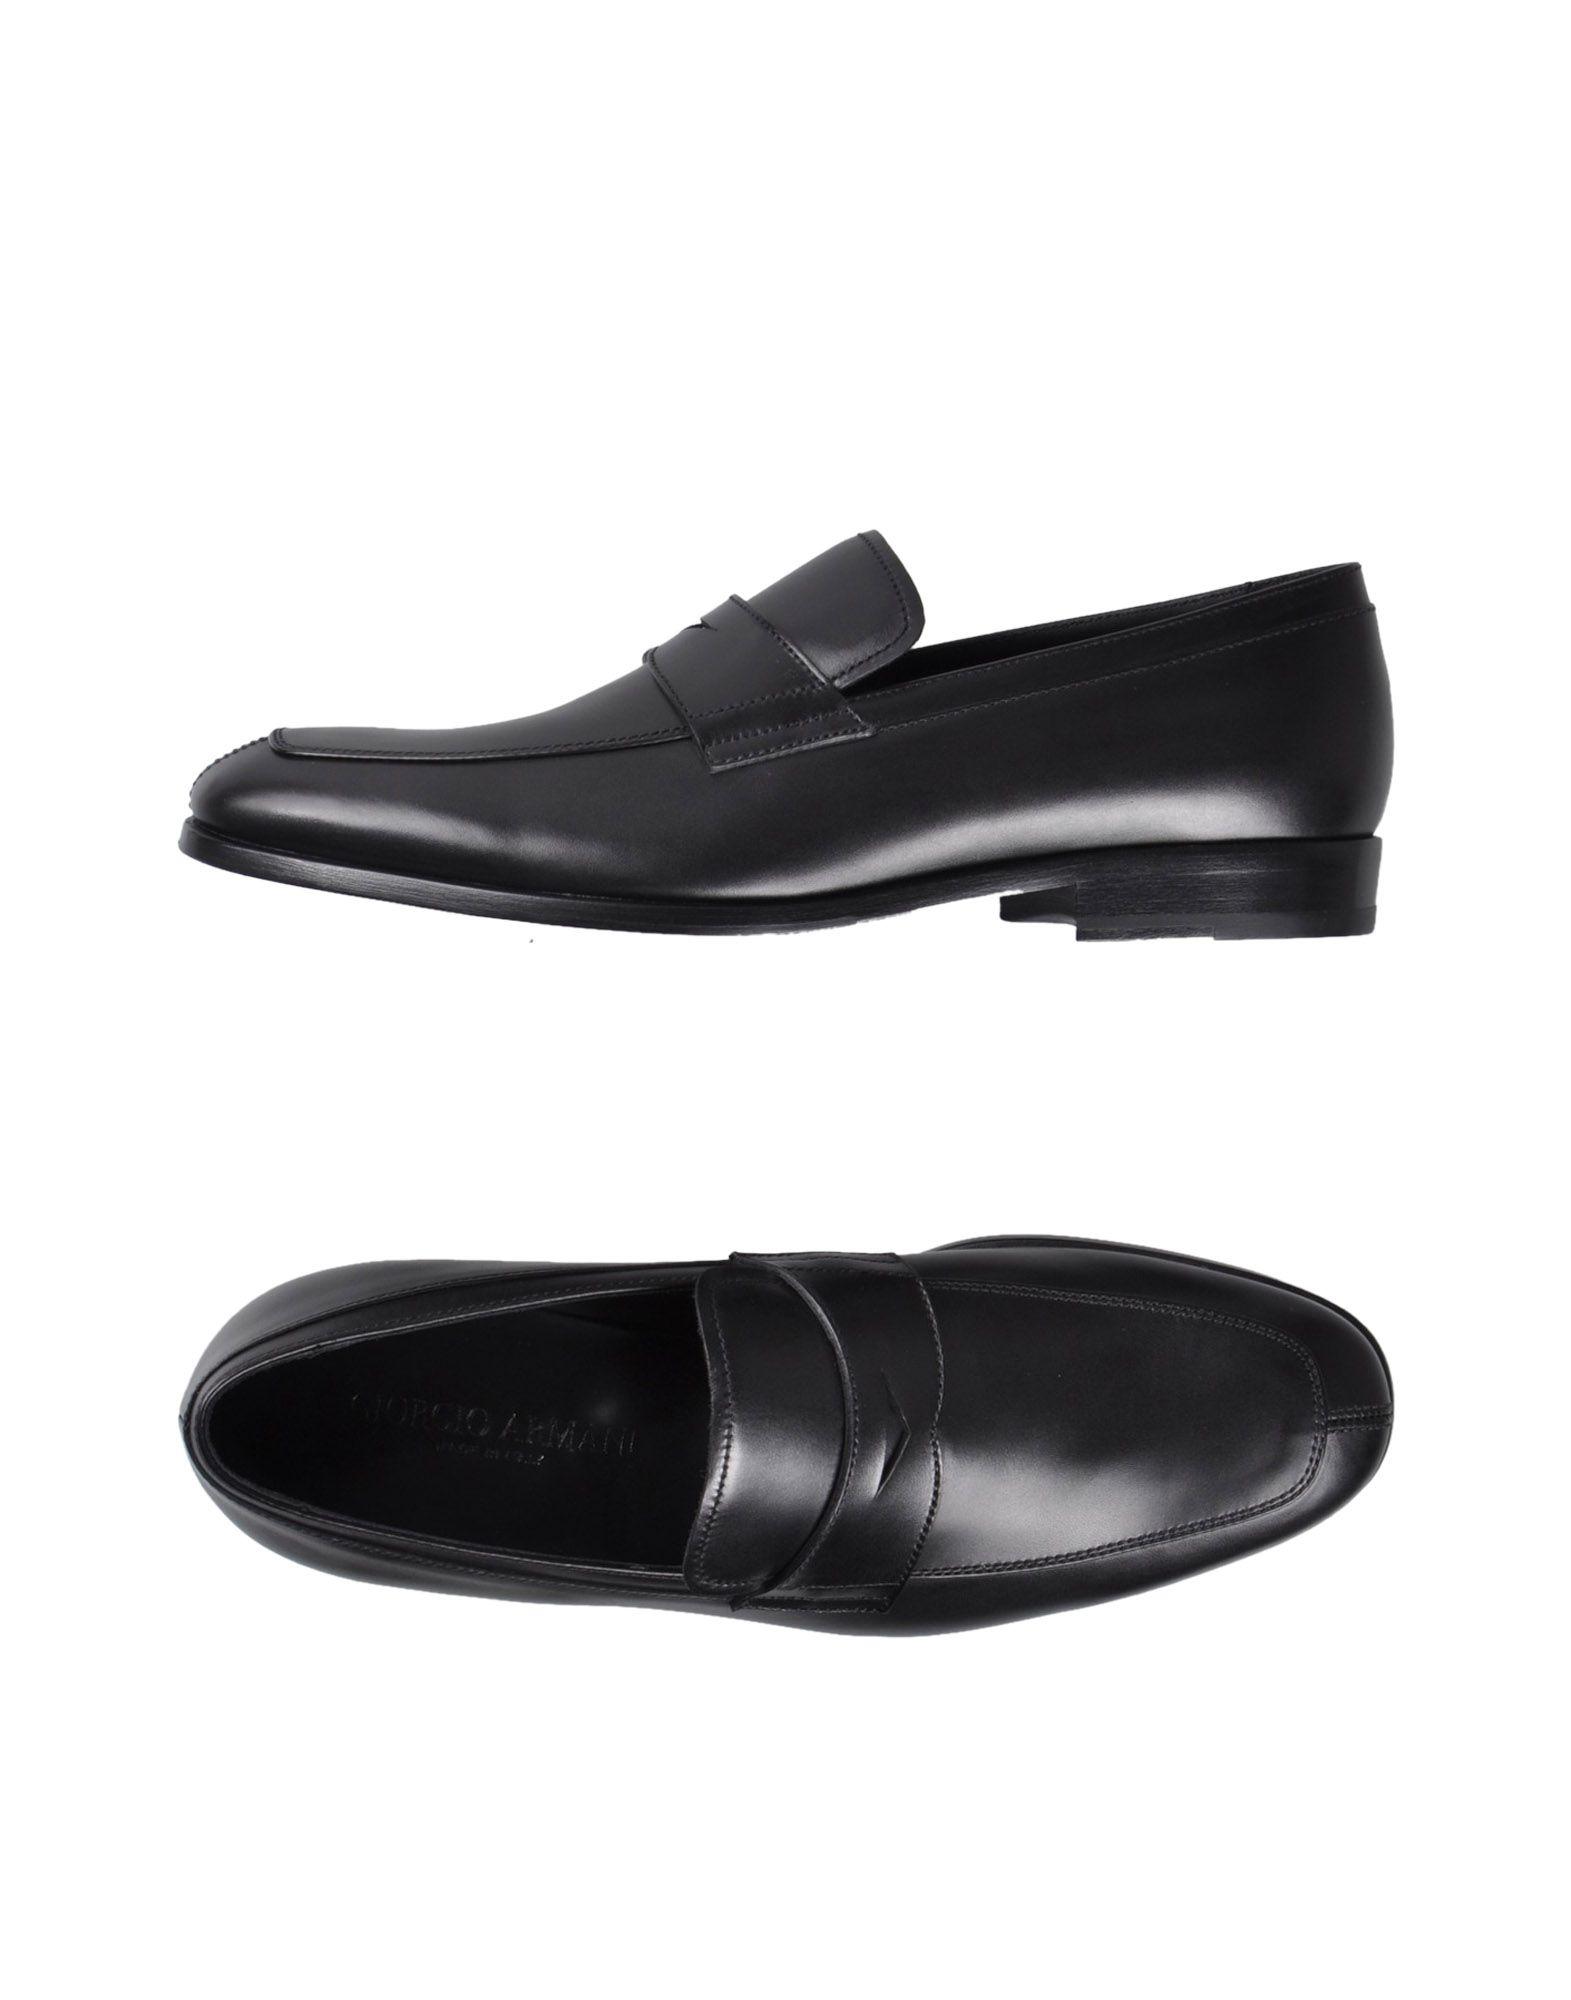 Giorgio Armani Mokassins Herren  11451343VN Gute Qualität beliebte Schuhe